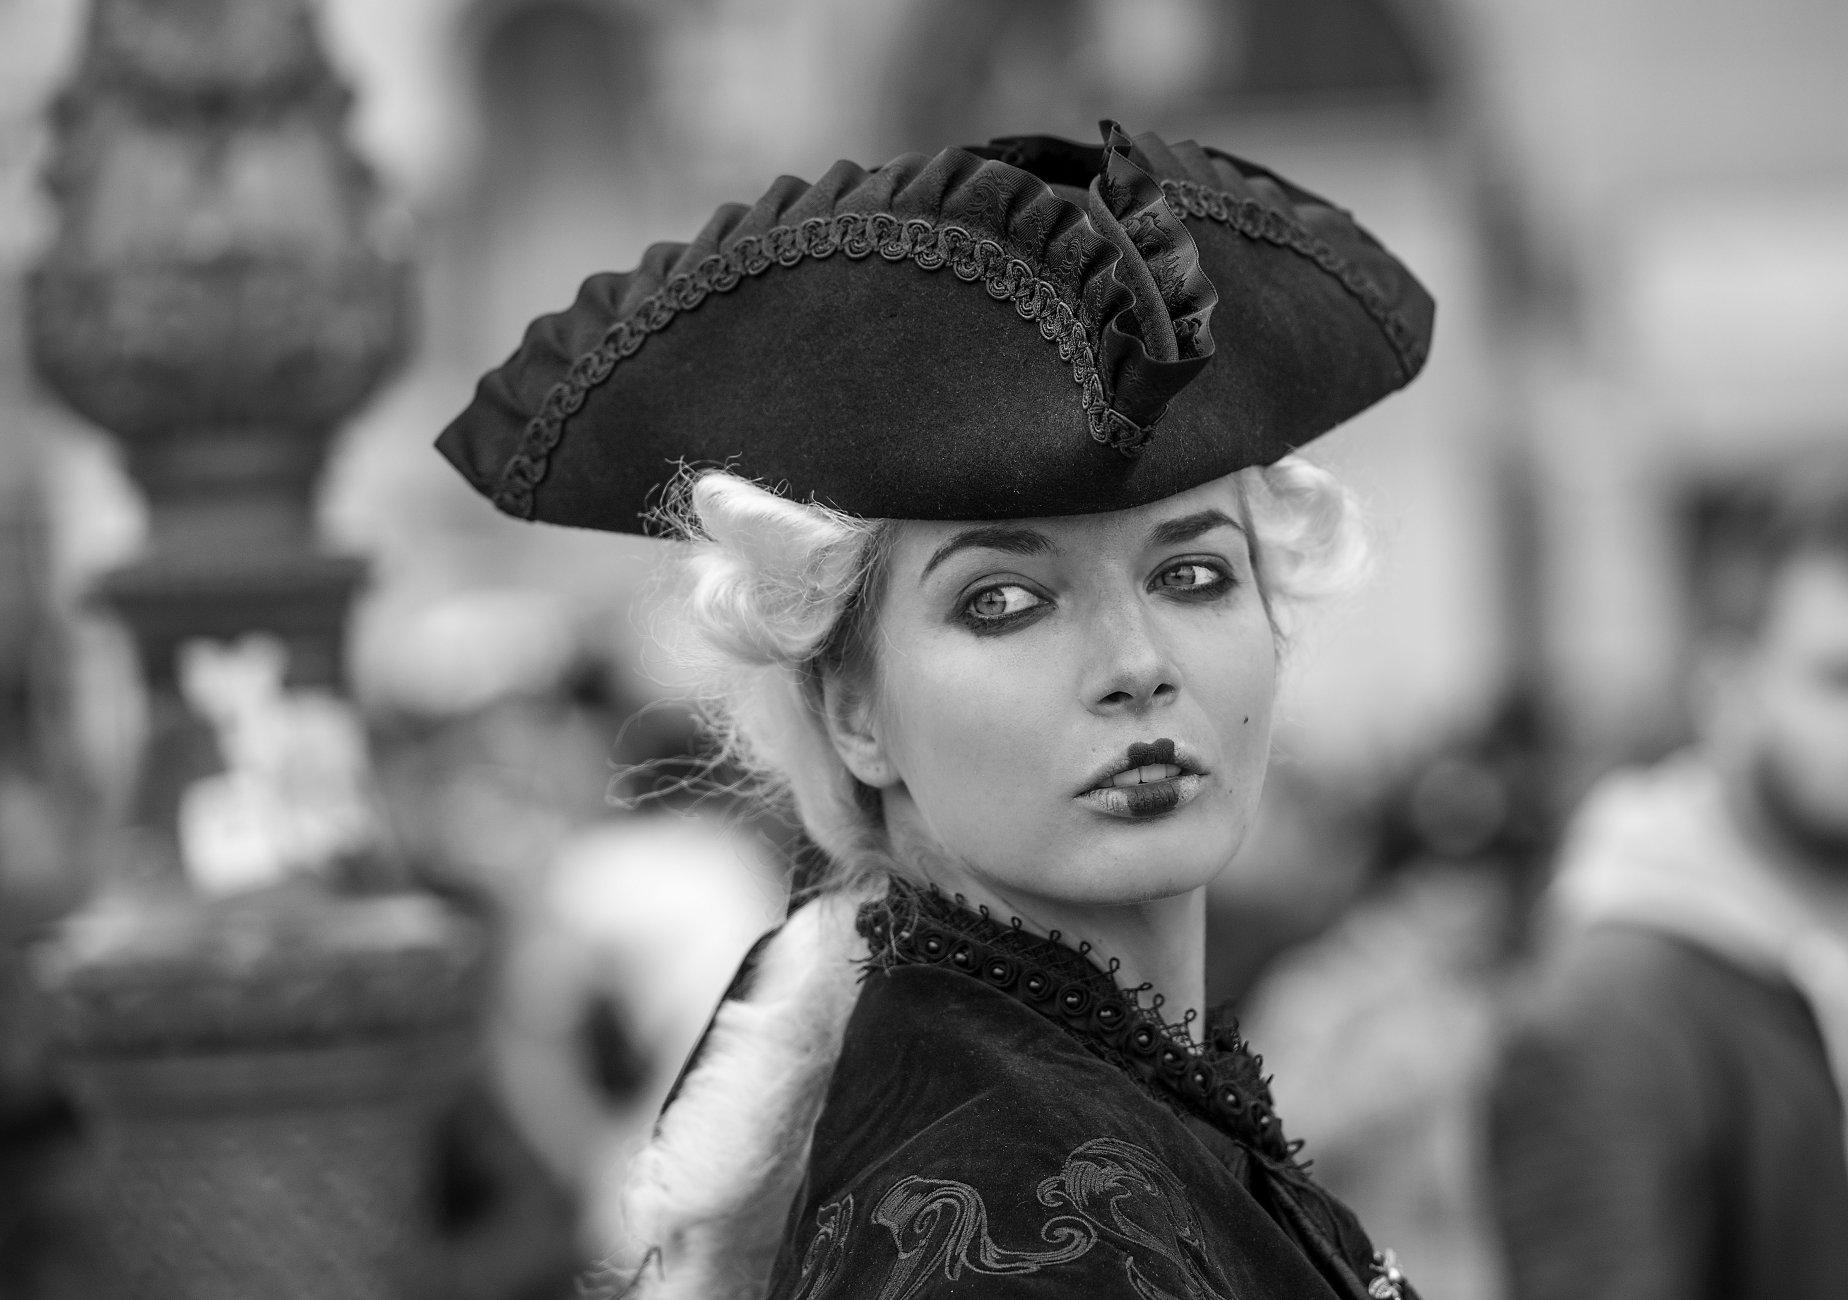 Venice carnival in B&W